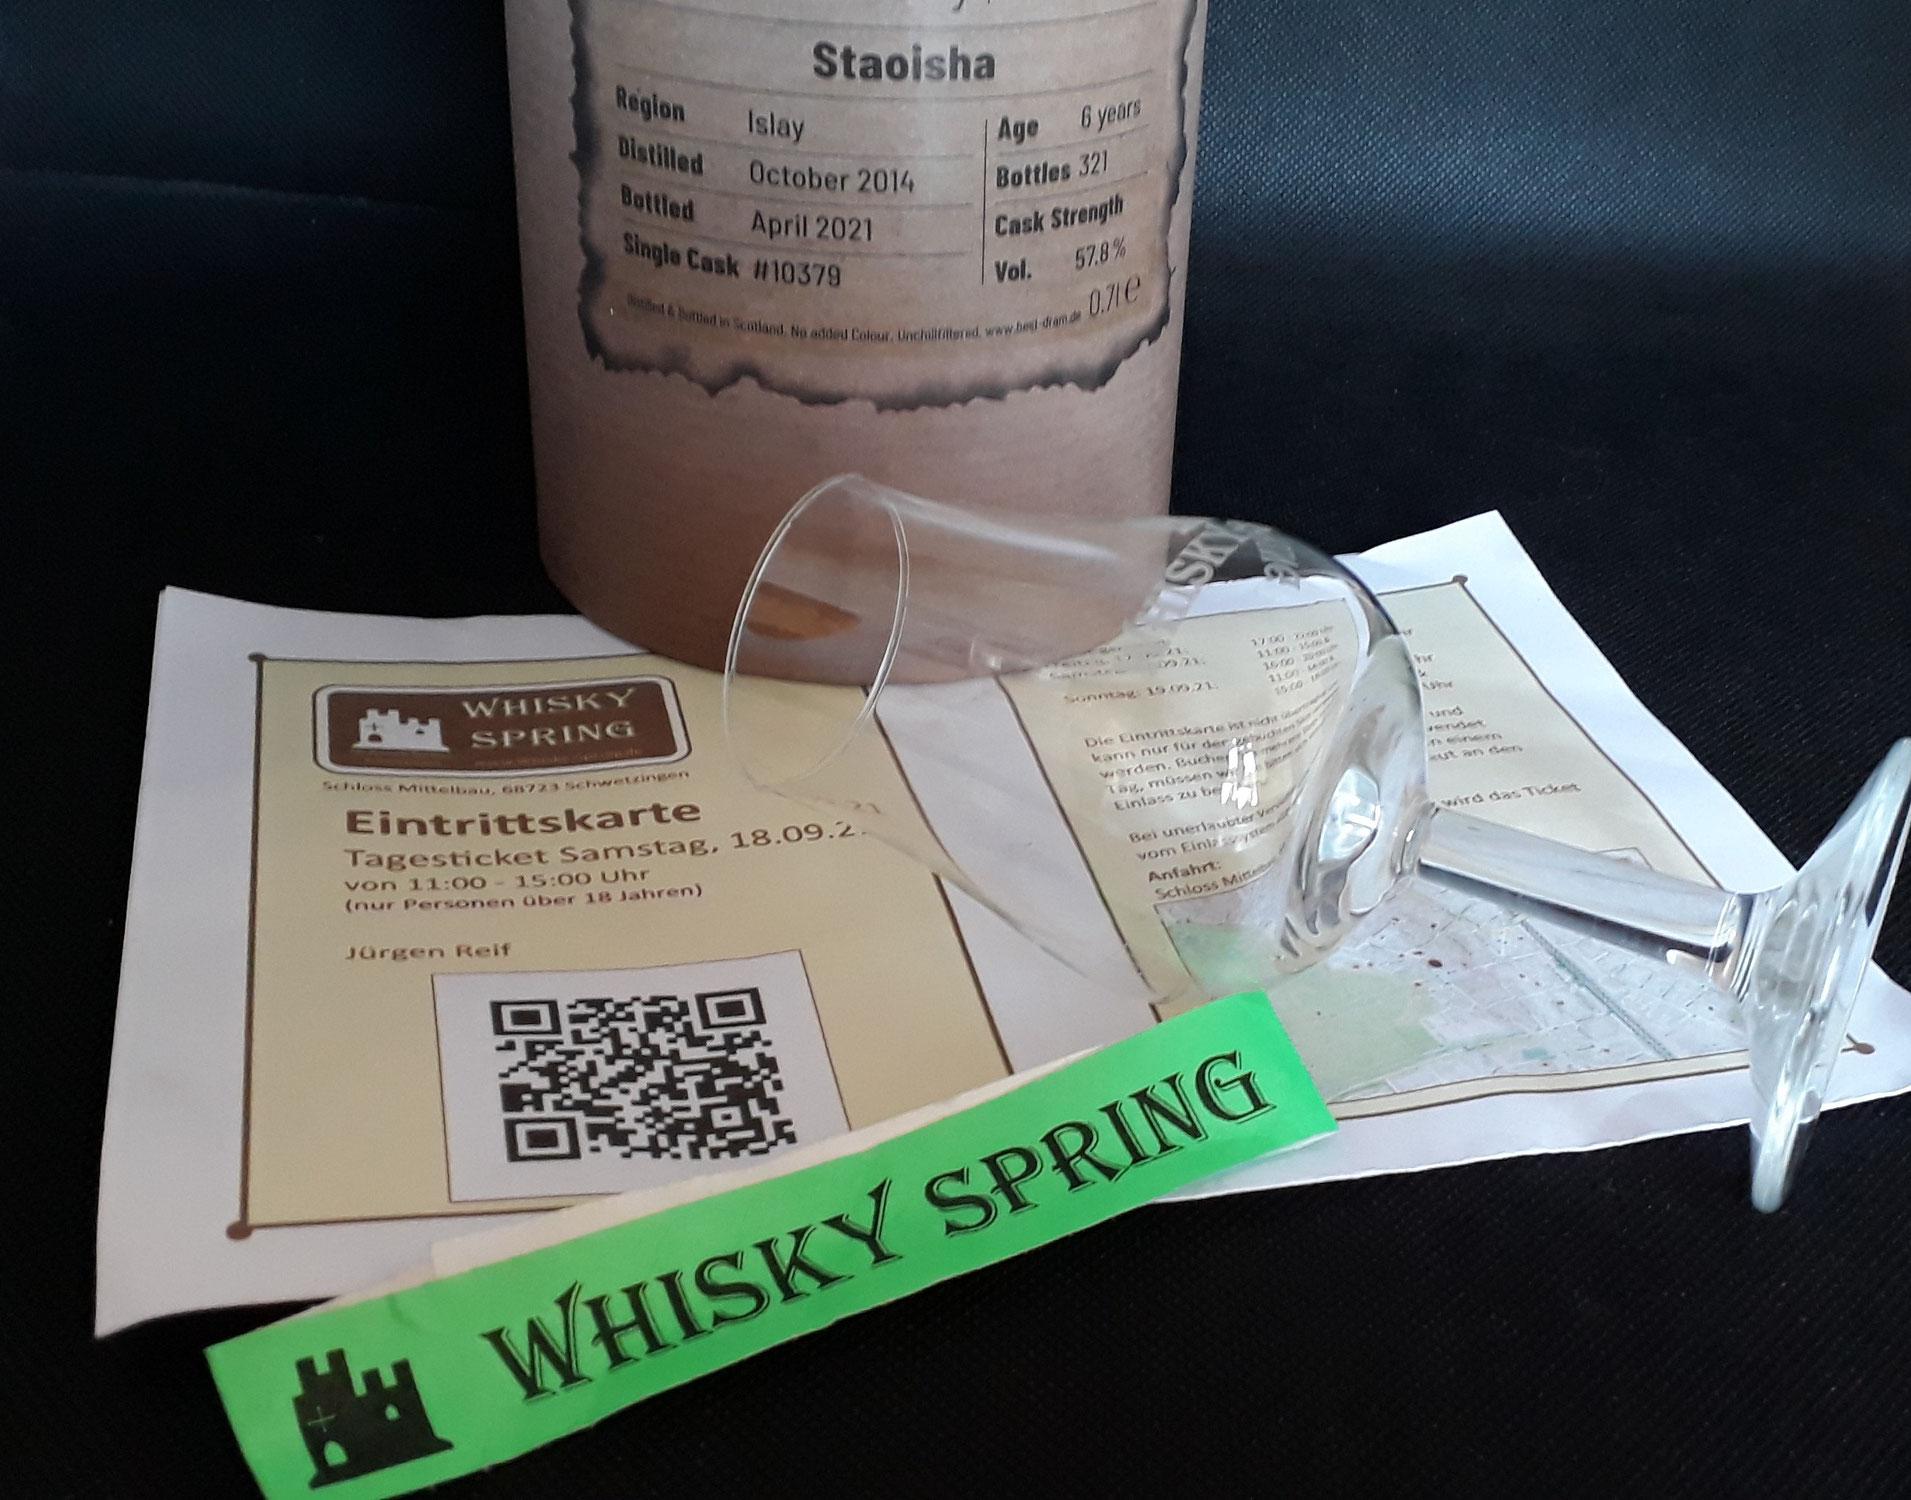 Messesplitter - Whisky Spring 2021